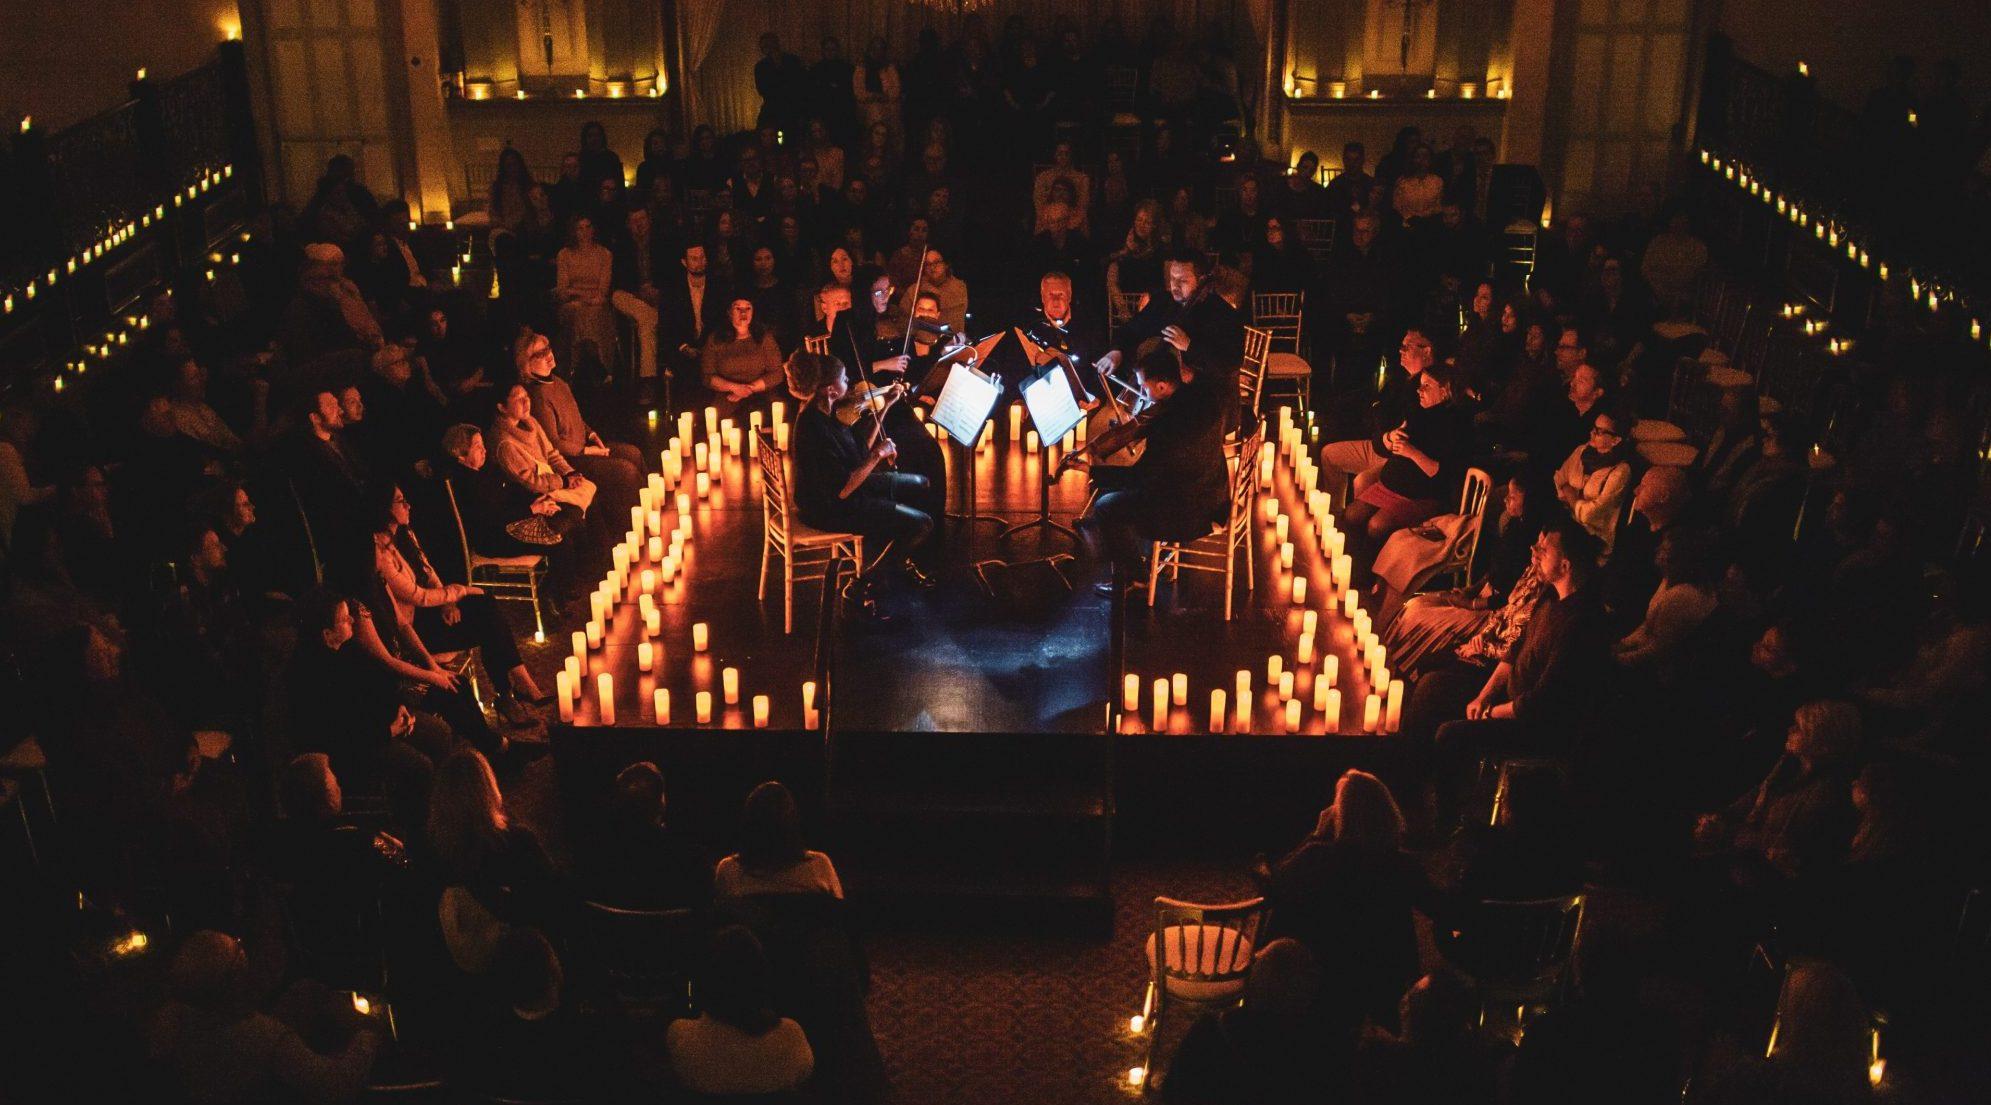 vela de concierto cuarteto a la luz de las velas michael jackson parís